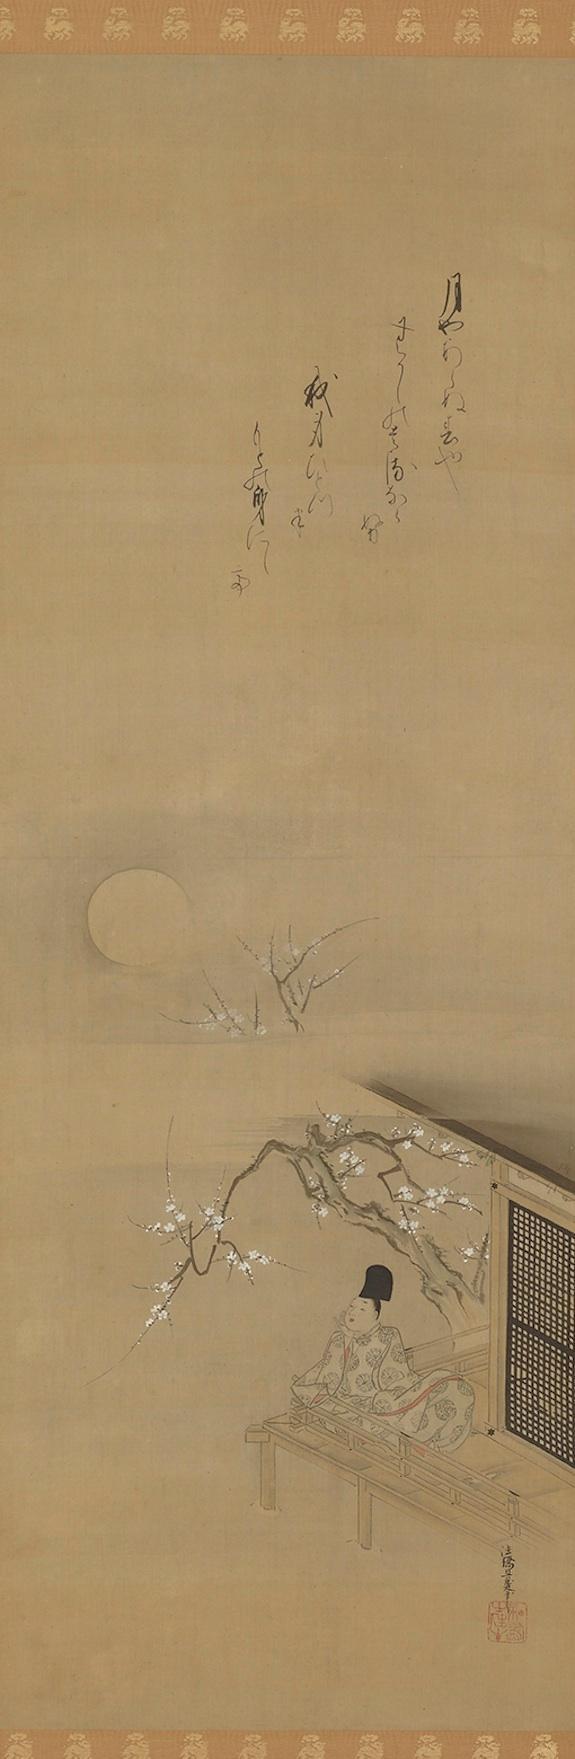 Ariwara no Narihira by Sumiyoshi Gukei